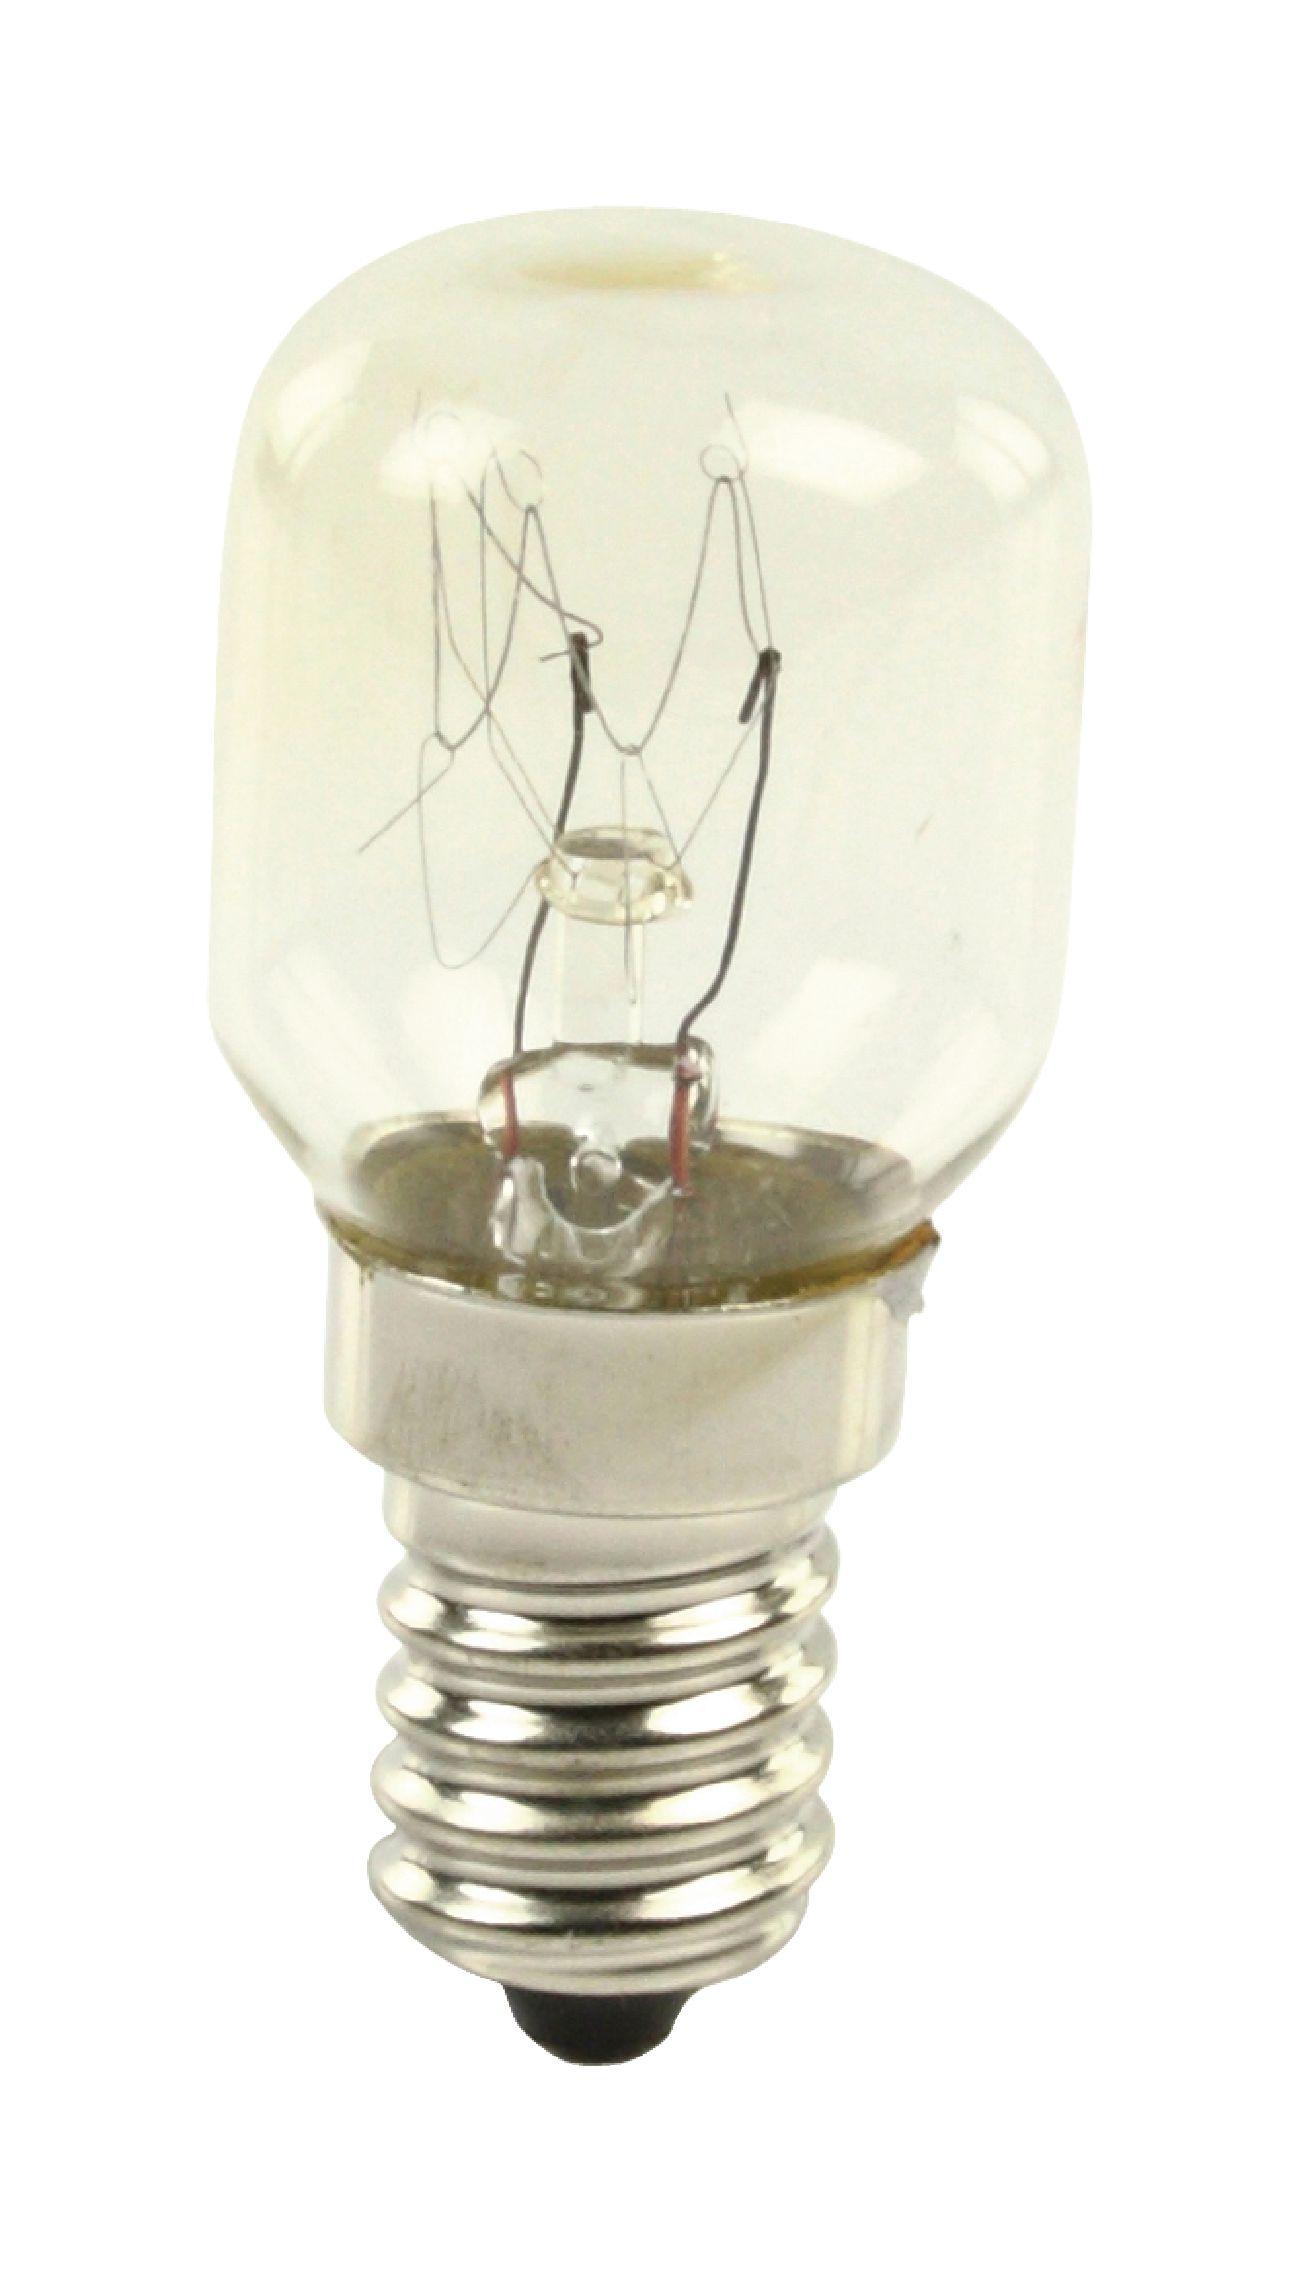 kuhlschrank-lampen-original-teilenummer